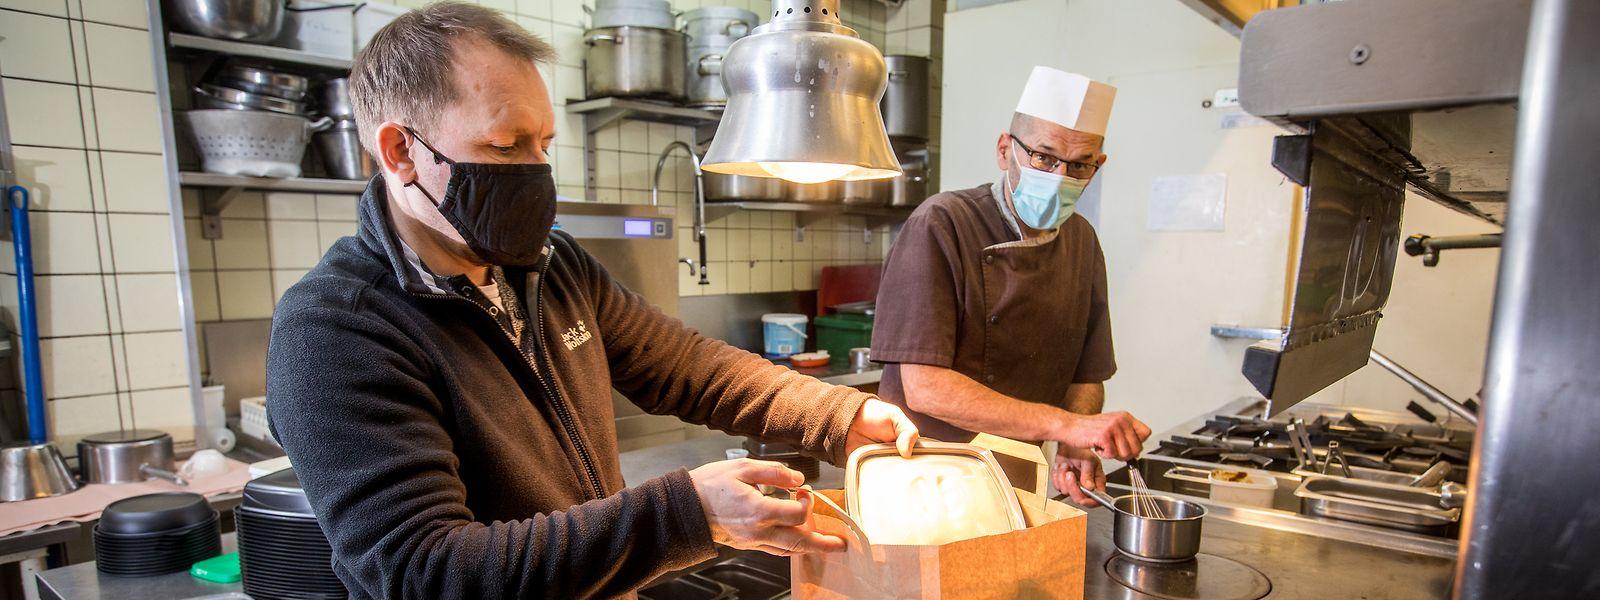 Face à la prolongation de la fermeture des bars et restaurants jusqu'au 31 janvier, une manifestation de restaurateurs doit avoir lieu samedi 16 janvier à Luxembourg-Ville.